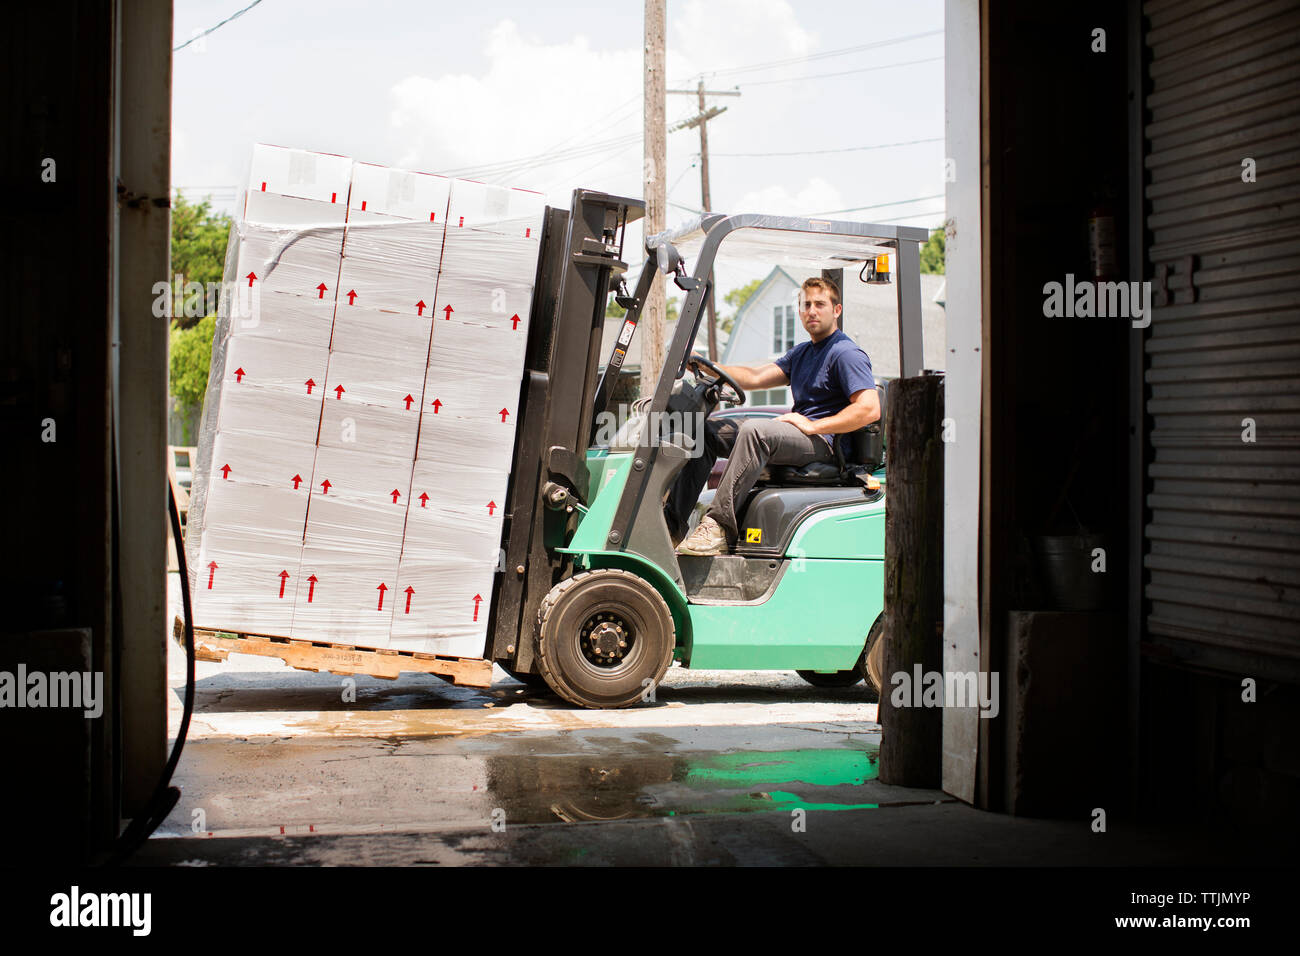 Portrait d'un homme roulant chariot élévateur dans l'industrie de la pêche Photo Stock